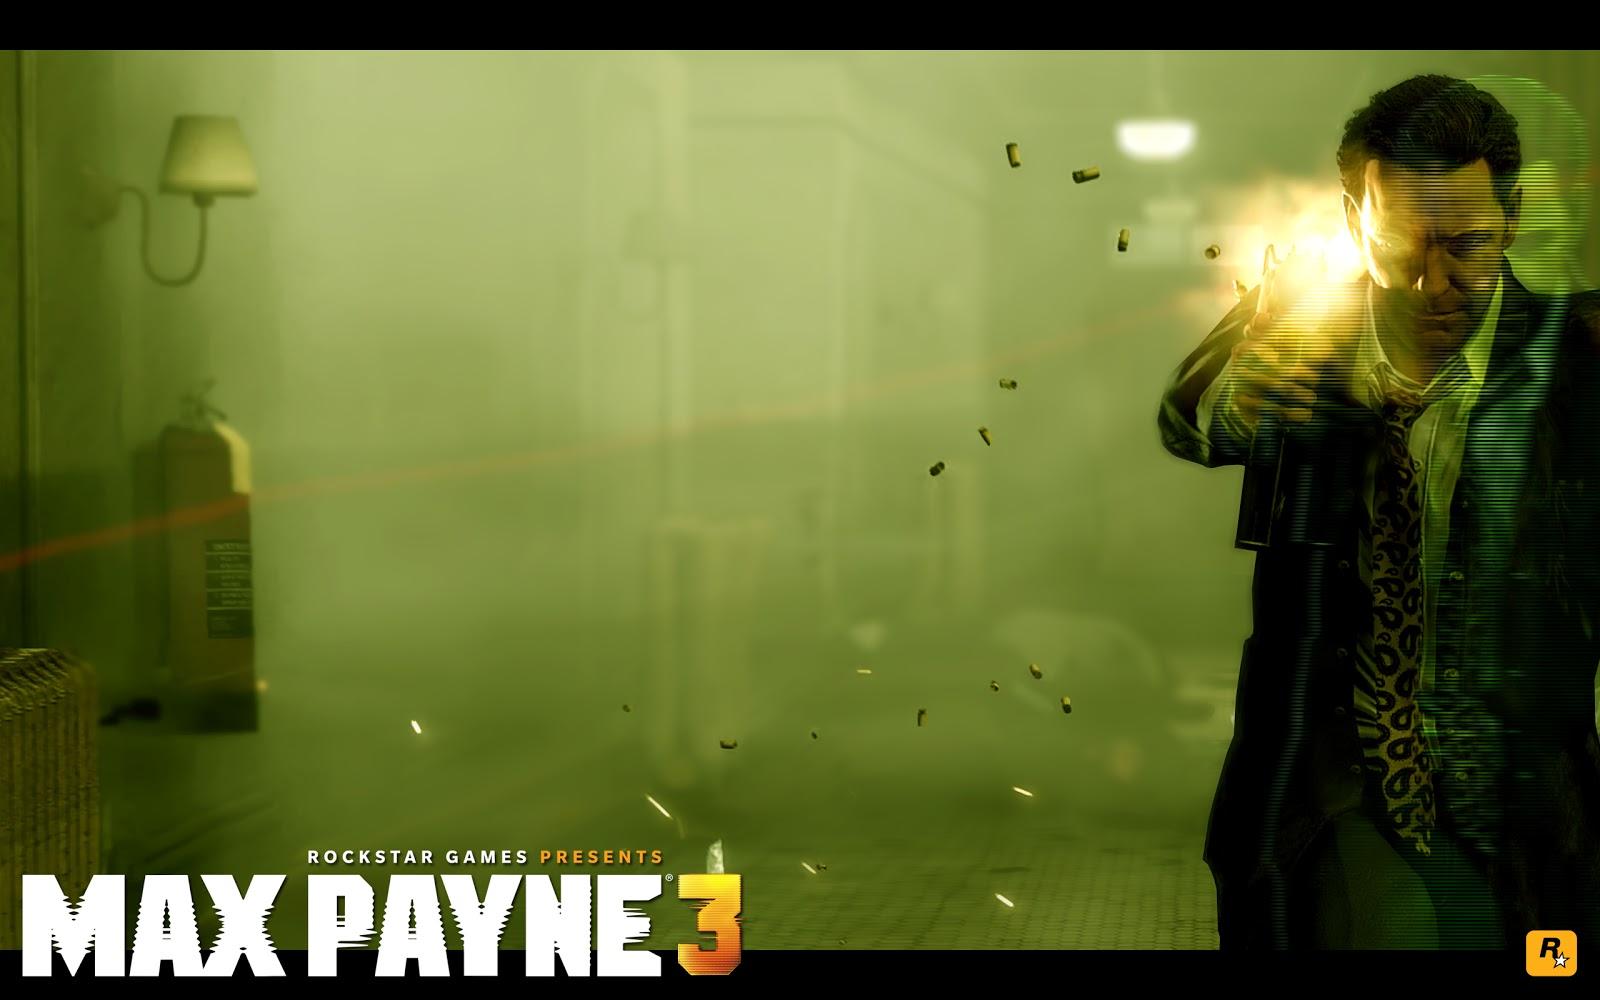 Fall Max Payne Hd Wallpapers Wallpapers Hd Fondos De Pantalla Variados Juegos